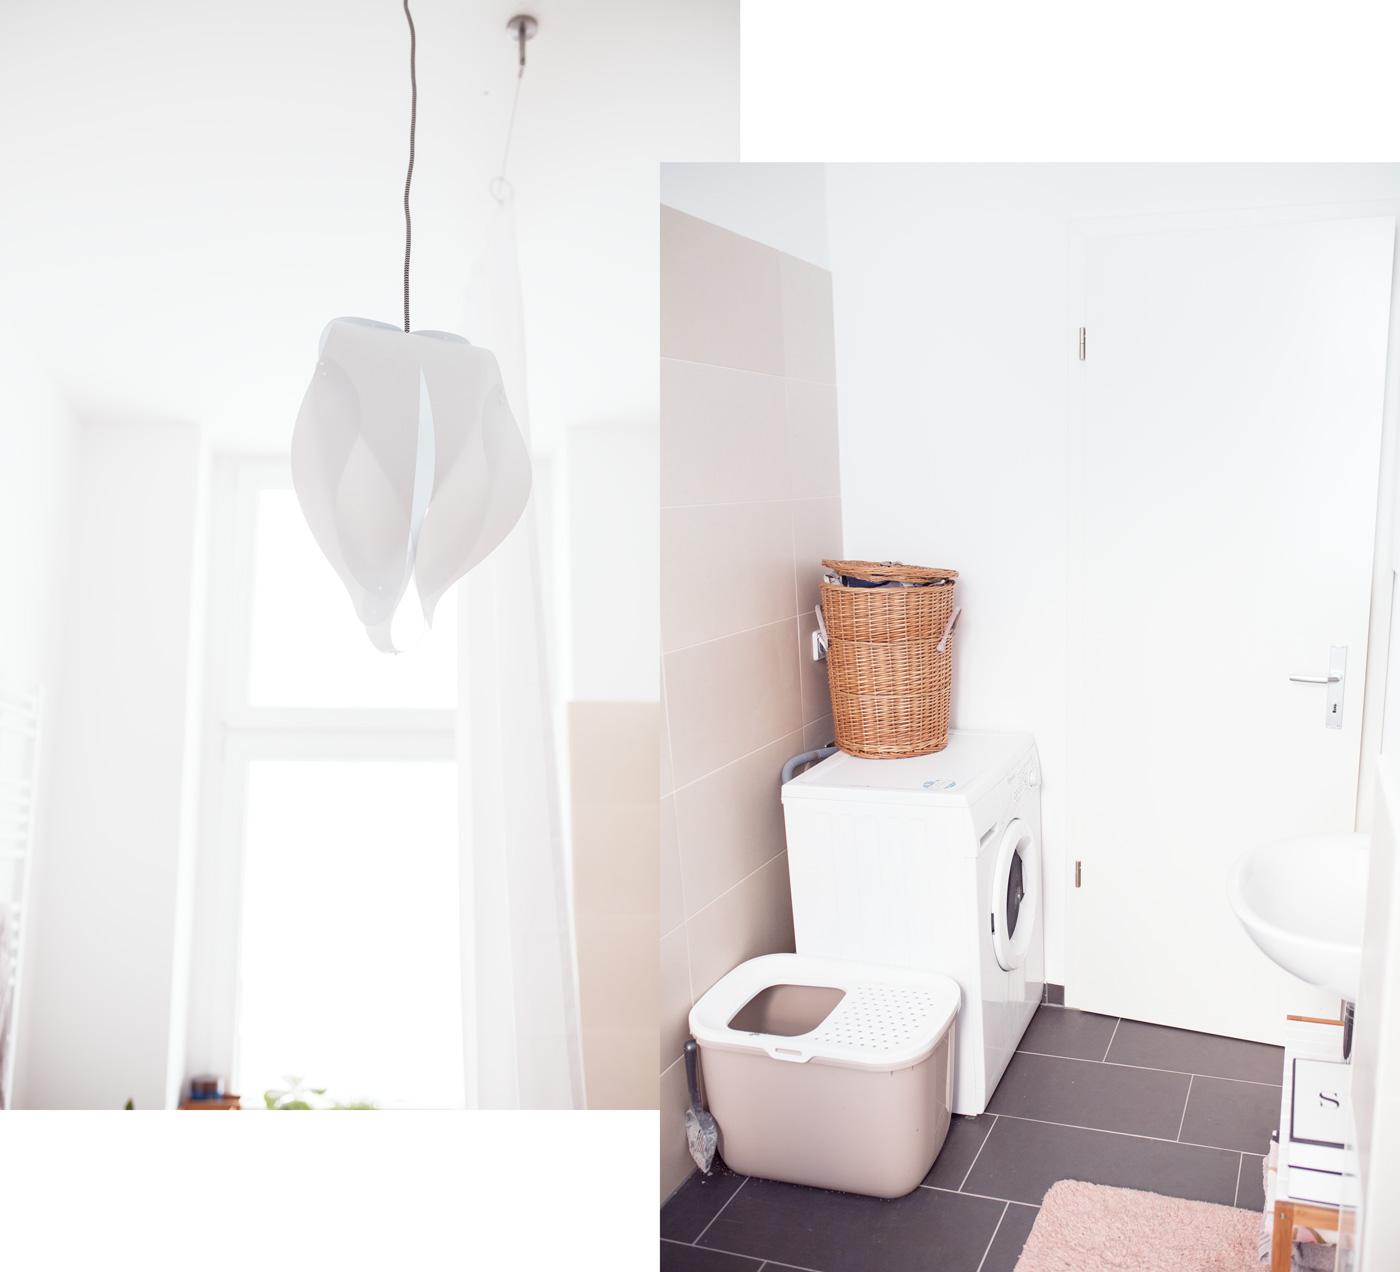 das neue badezimmer: einrichten und dekorieren, Badezimmer ideen